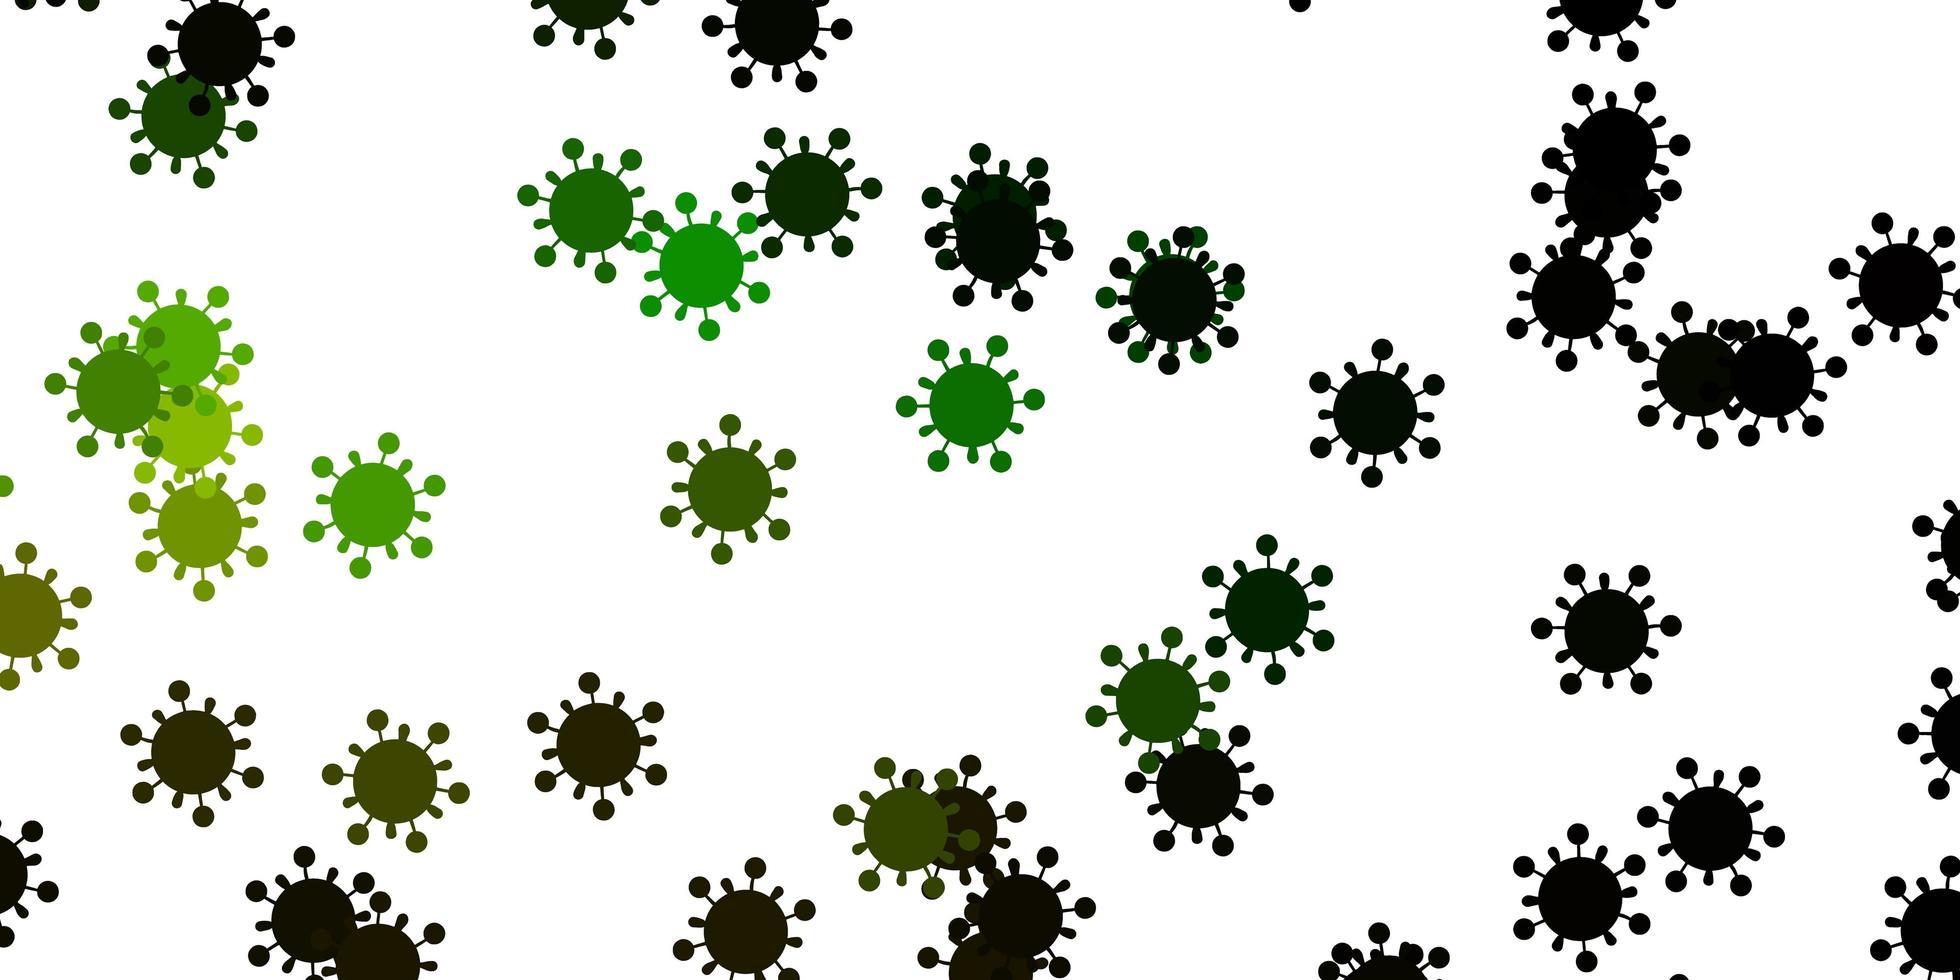 texture vecteur vert clair, jaune avec symboles de la maladie.